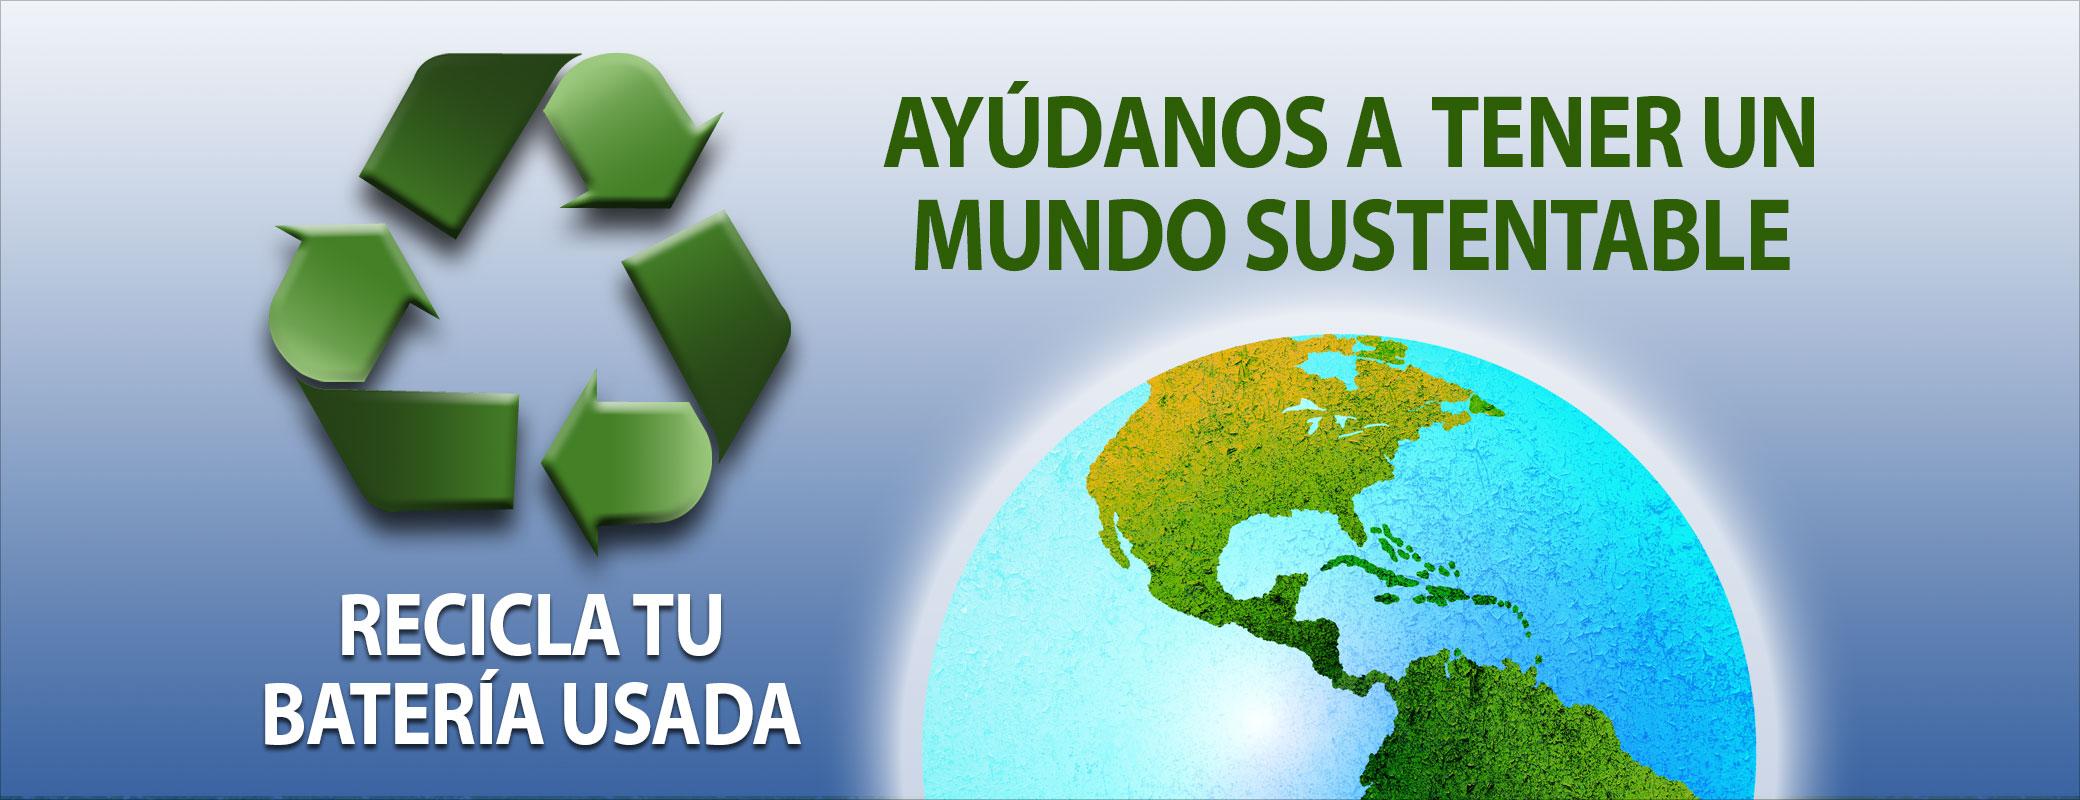 Reciclaje de Baterías en México Ayúdanos a tener un Mundo Sustentable Recicla tu Batería Usada LTH